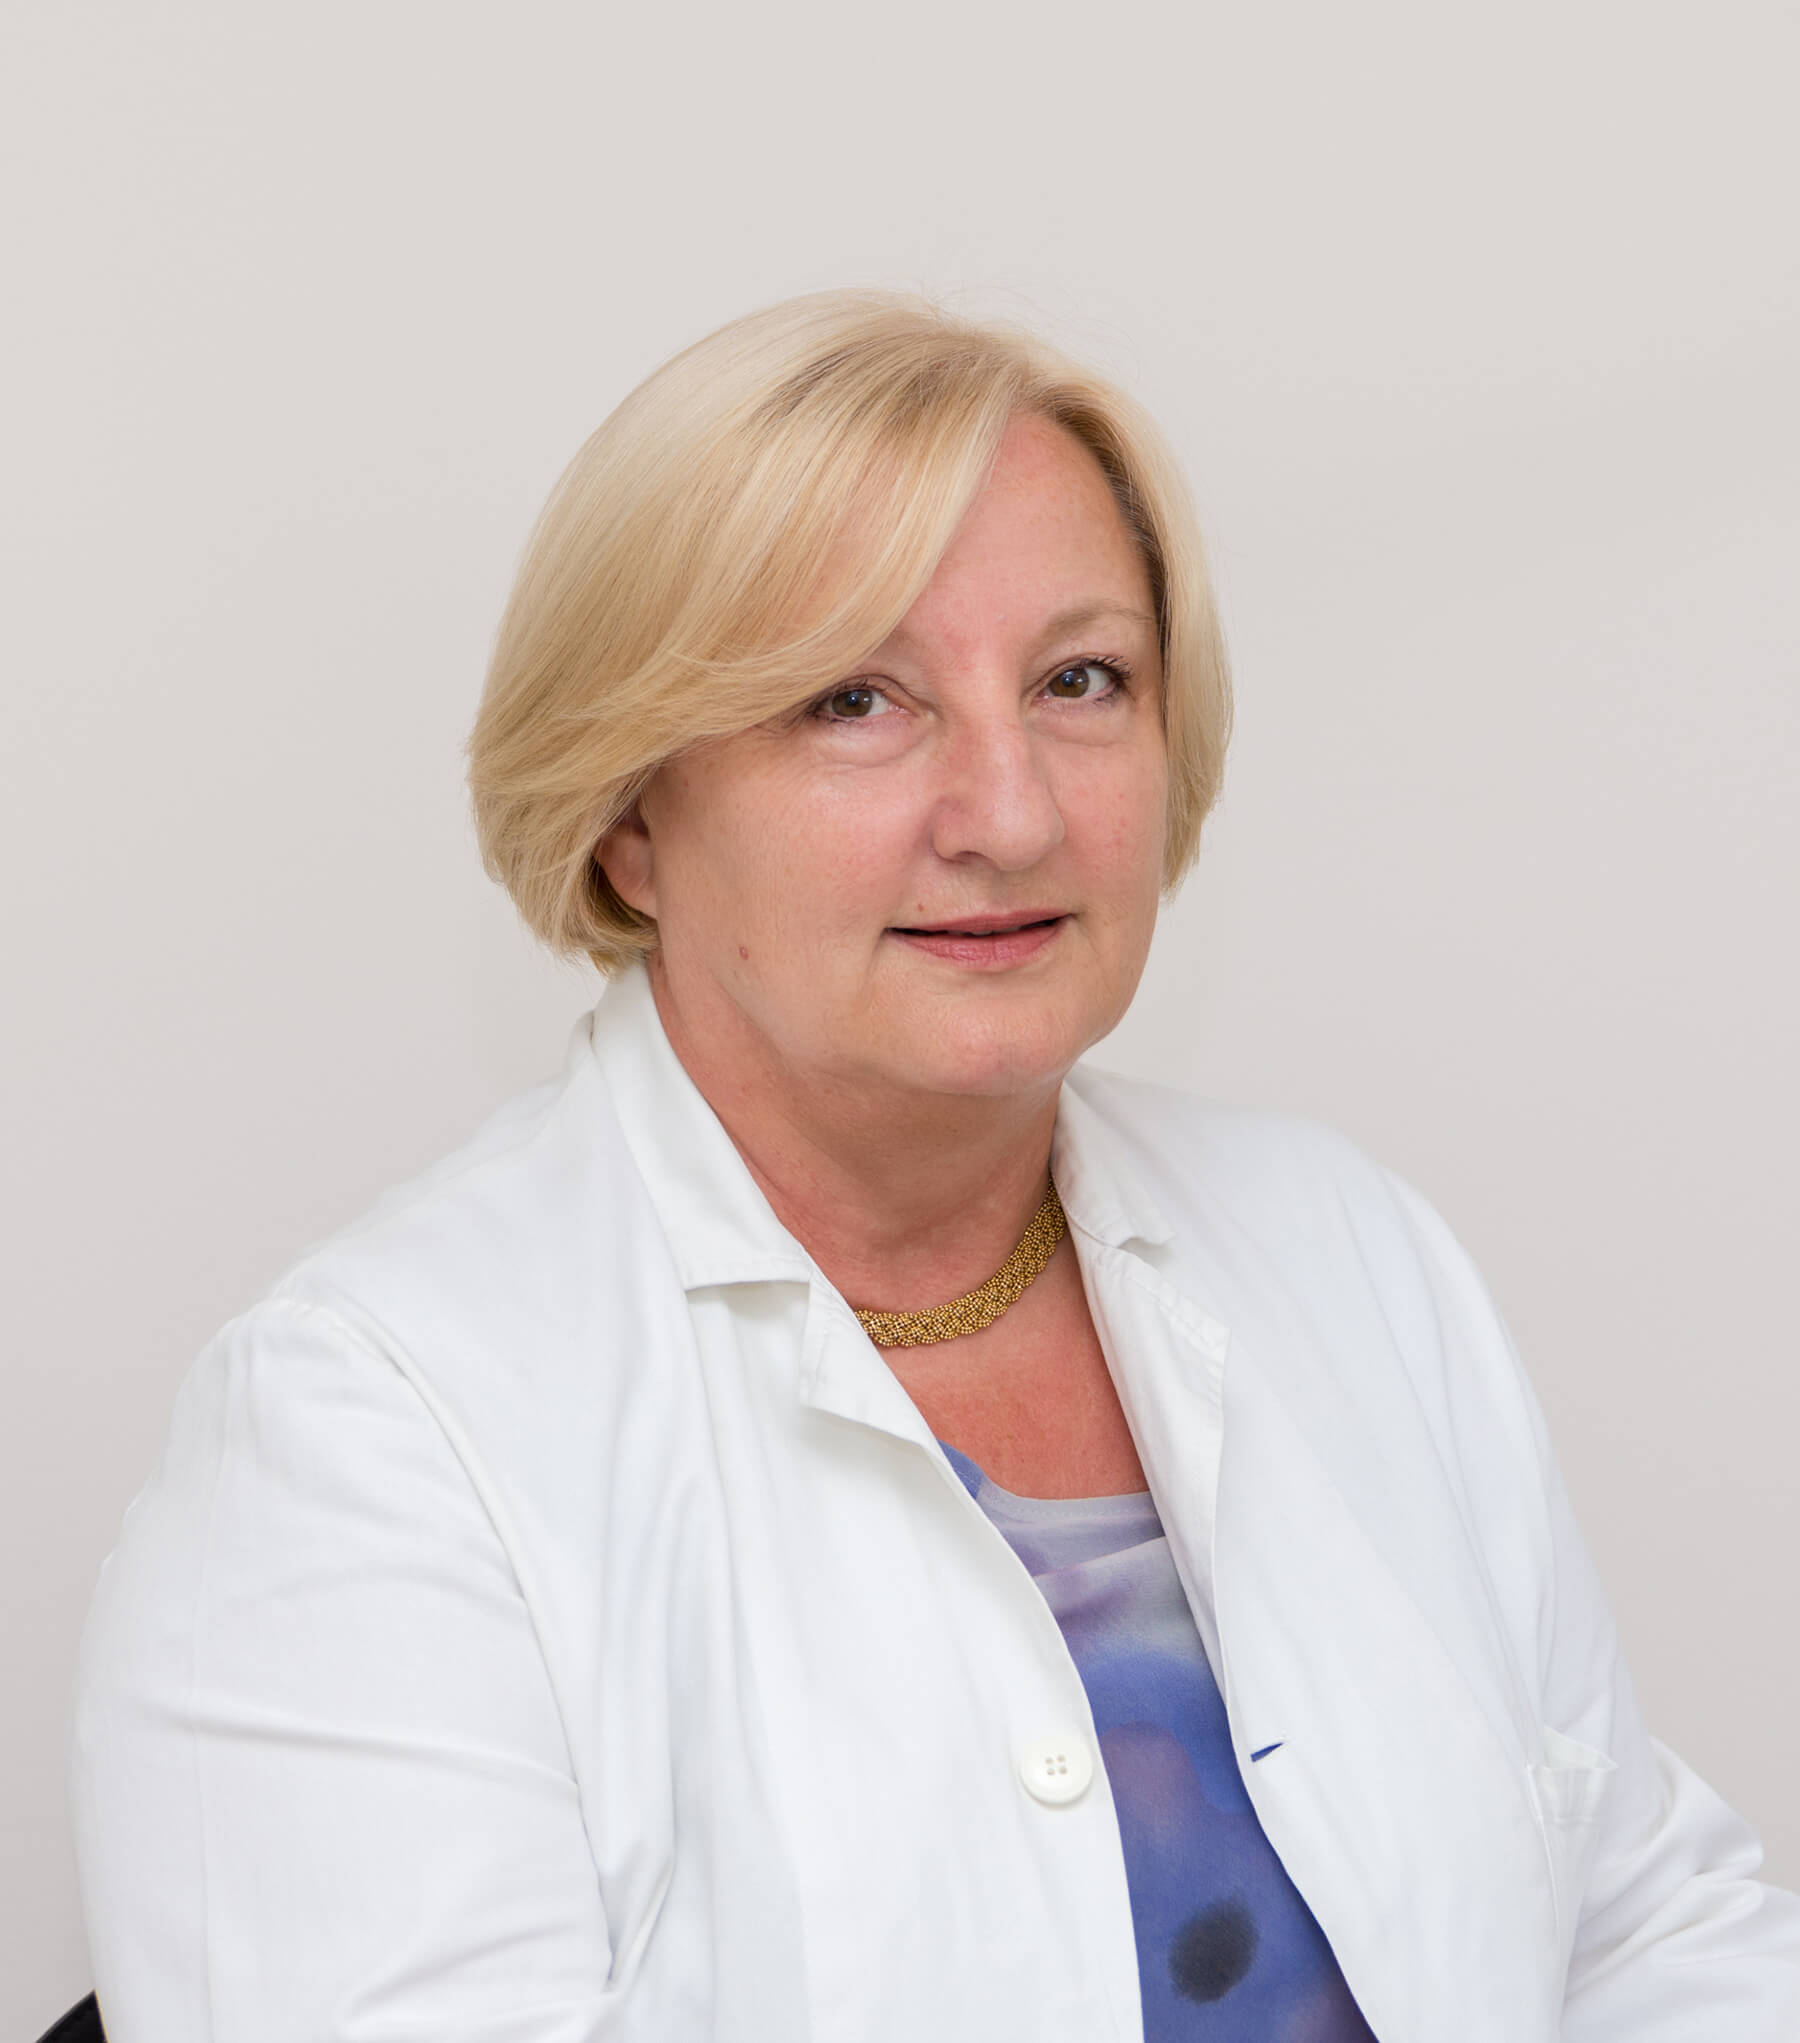 prof. dr. sc. Vesna Košec, dr. med.